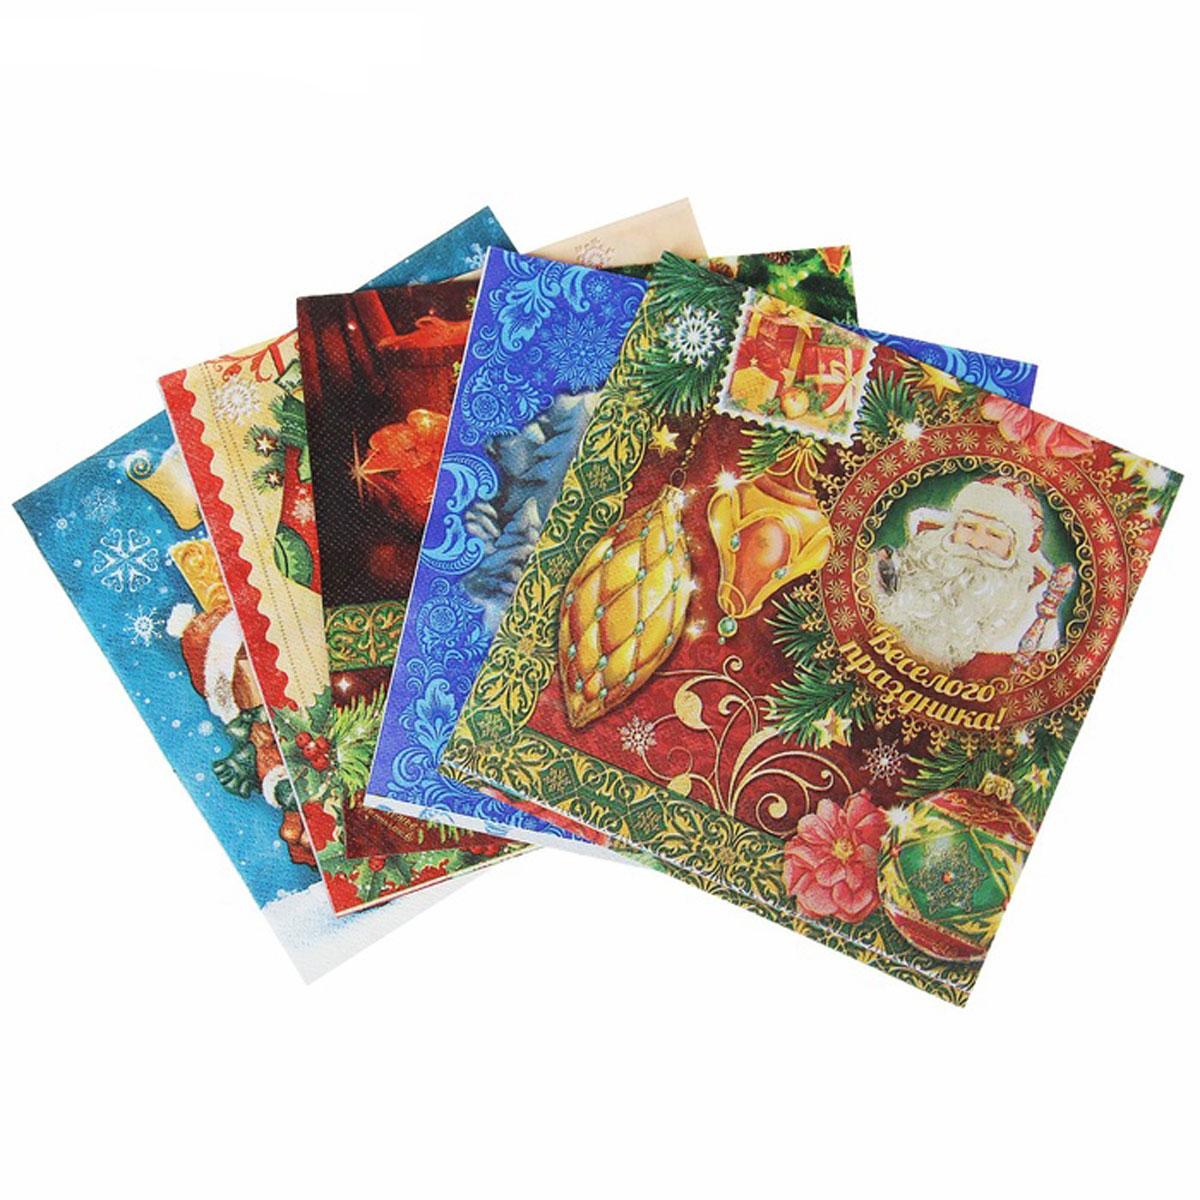 Набор салфеток для декупажа Sima-land Новогоднее торжество, 33 см х 33 см, 5 шт1130751Набор салфеток для декупажа Sima-land Новогоднее торжество выполнен из бумаги. Изделия оформлены новогодними принтами. В наборе - 5 салфеток разного дизайна. Декупаж - техника декорирования различных предметов, основанная на присоединении рисунка, картины или орнамента (обычного вырезанного) к предмету и далее покрытии полученной композиции лаком ради эффектности, сохранности и долговечности. Комплектация: 5 шт. Размер салфетки: 33 см х 33 см. Количество слоев: 3 шт.